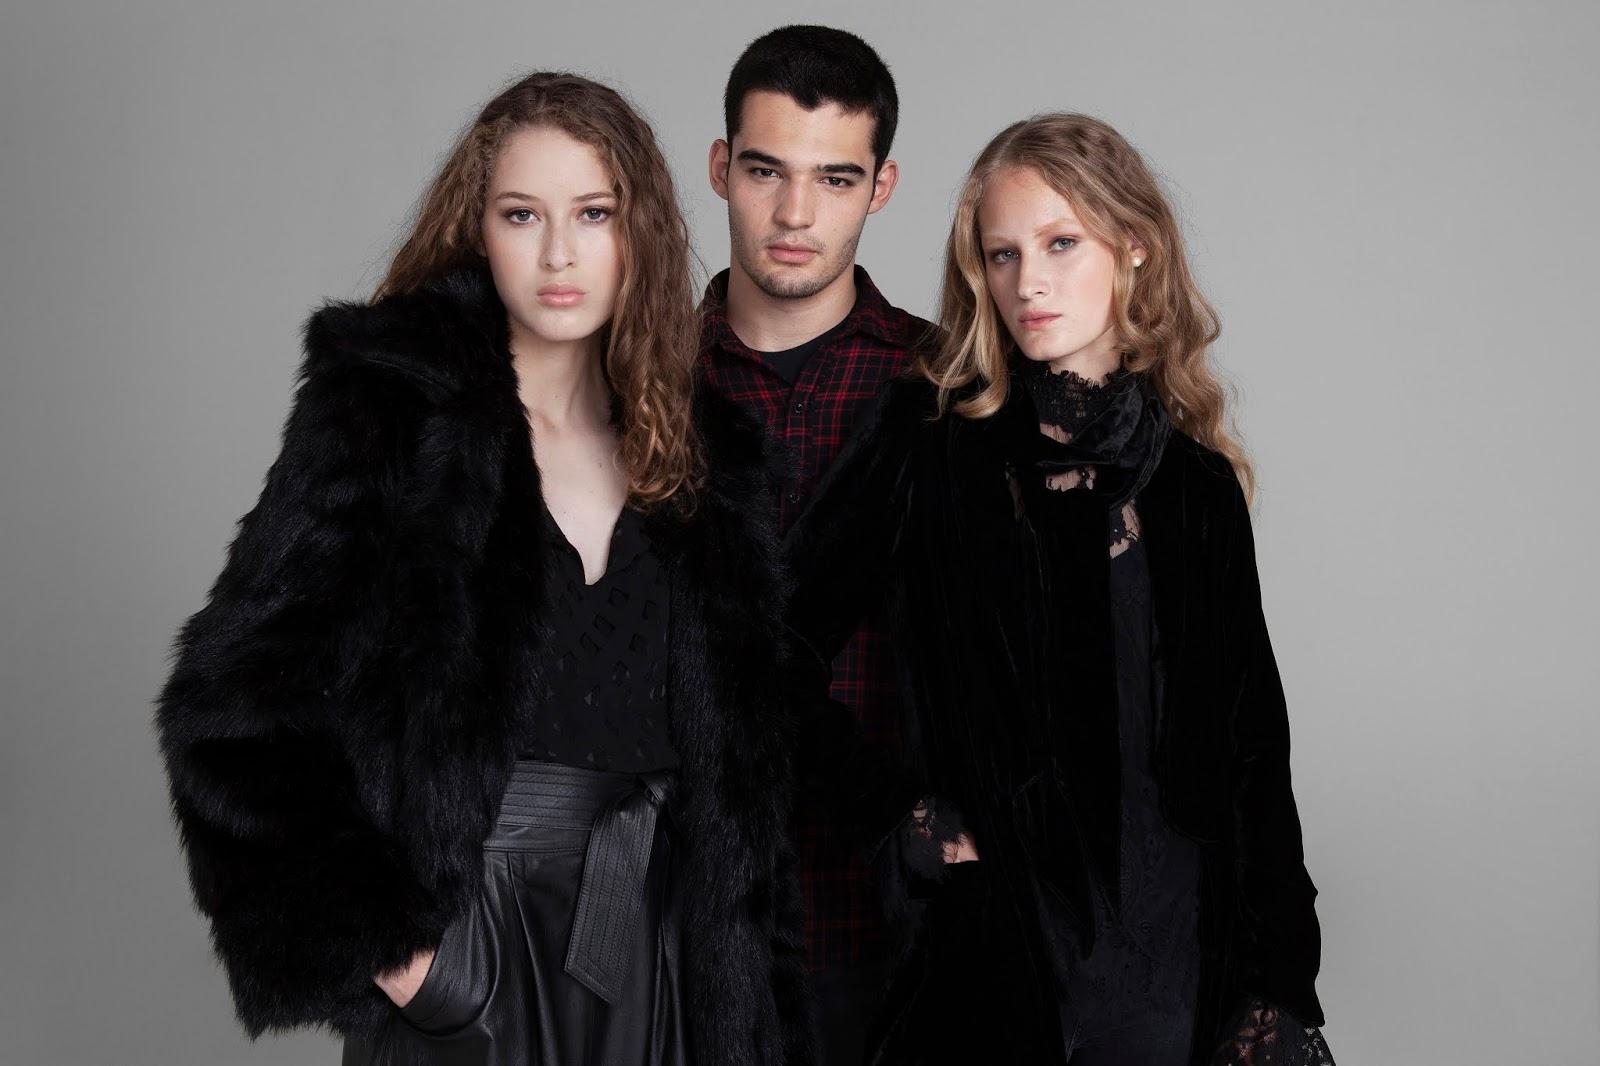 Empresta investe para diminuir os impactos negativos da moda ao meio ambiente